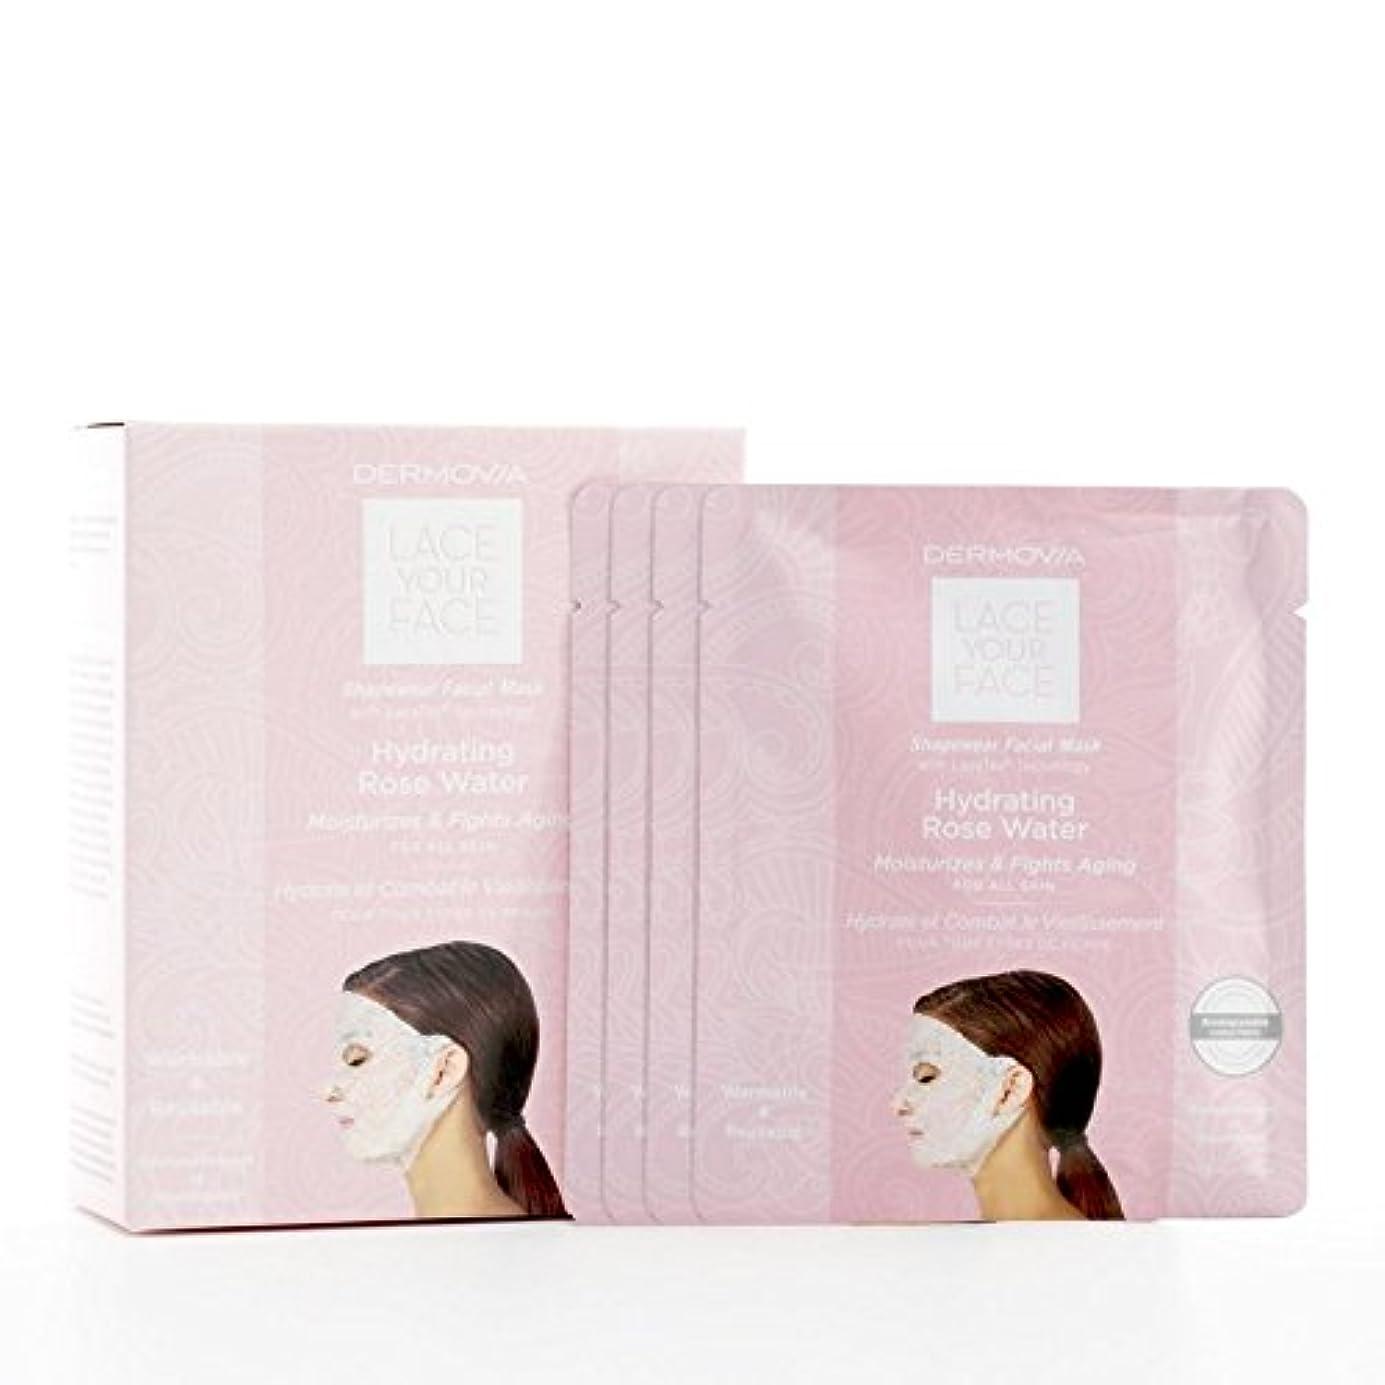 書道ファントムキリンDermovia Lace Your Face Compression Facial Mask Hydrating Rose Water (Pack of 6) - は、あなたの顔の圧縮フェイシャルマスク水和が水をバラレース...